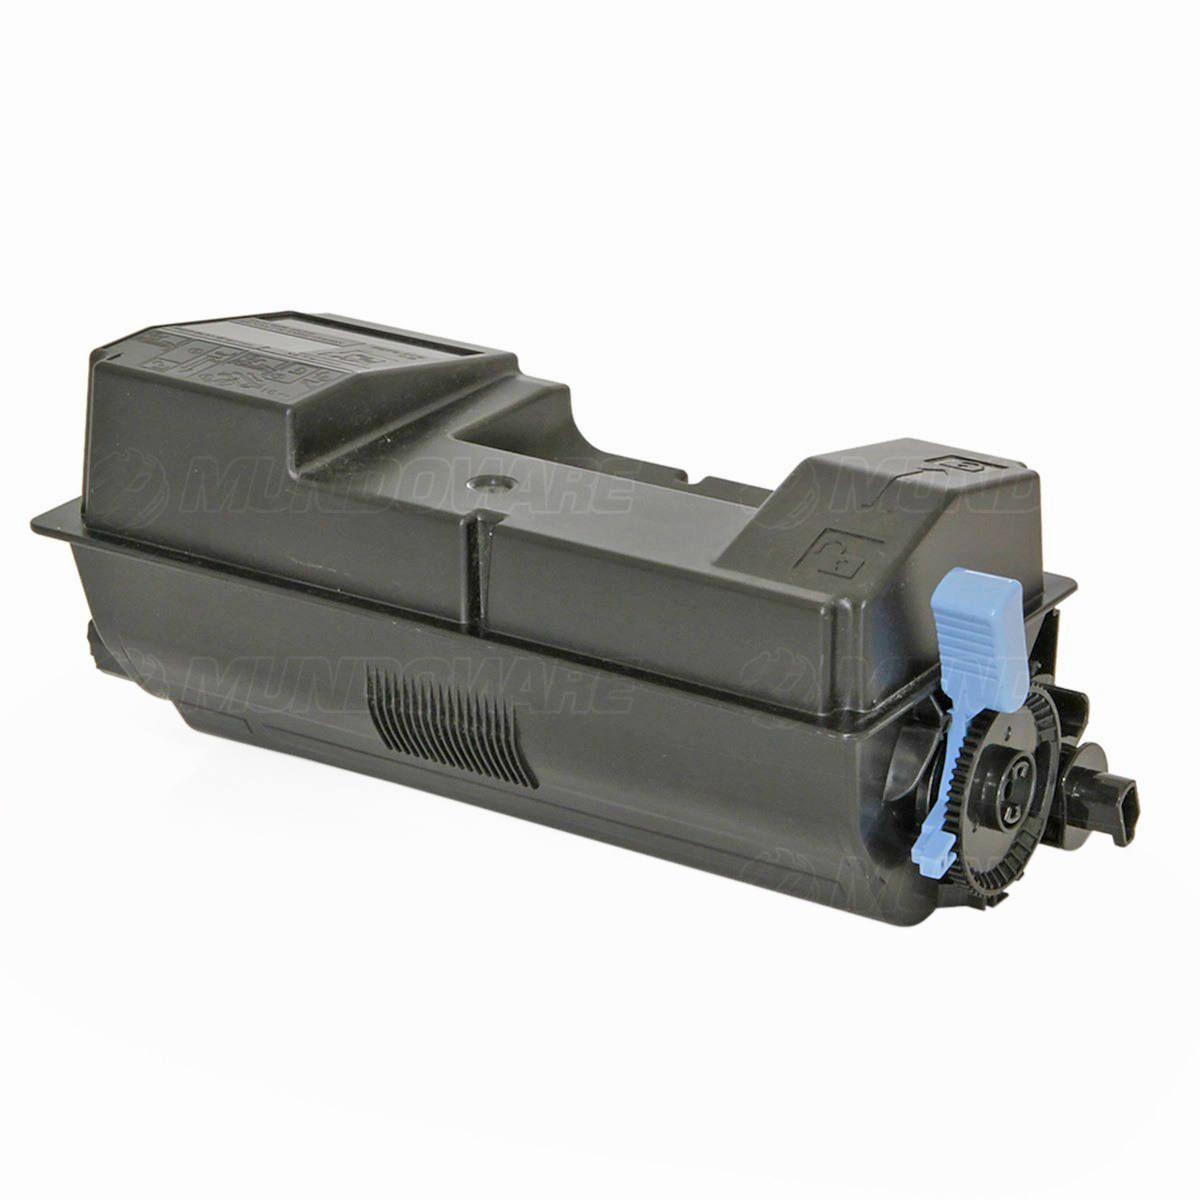 Compatível: Toner TK3122 TK-3122 para Impressora Kyocera M3550IDN FS4200DN M-3550IDN FS-4200DN FS4200 / Preto / 21.000